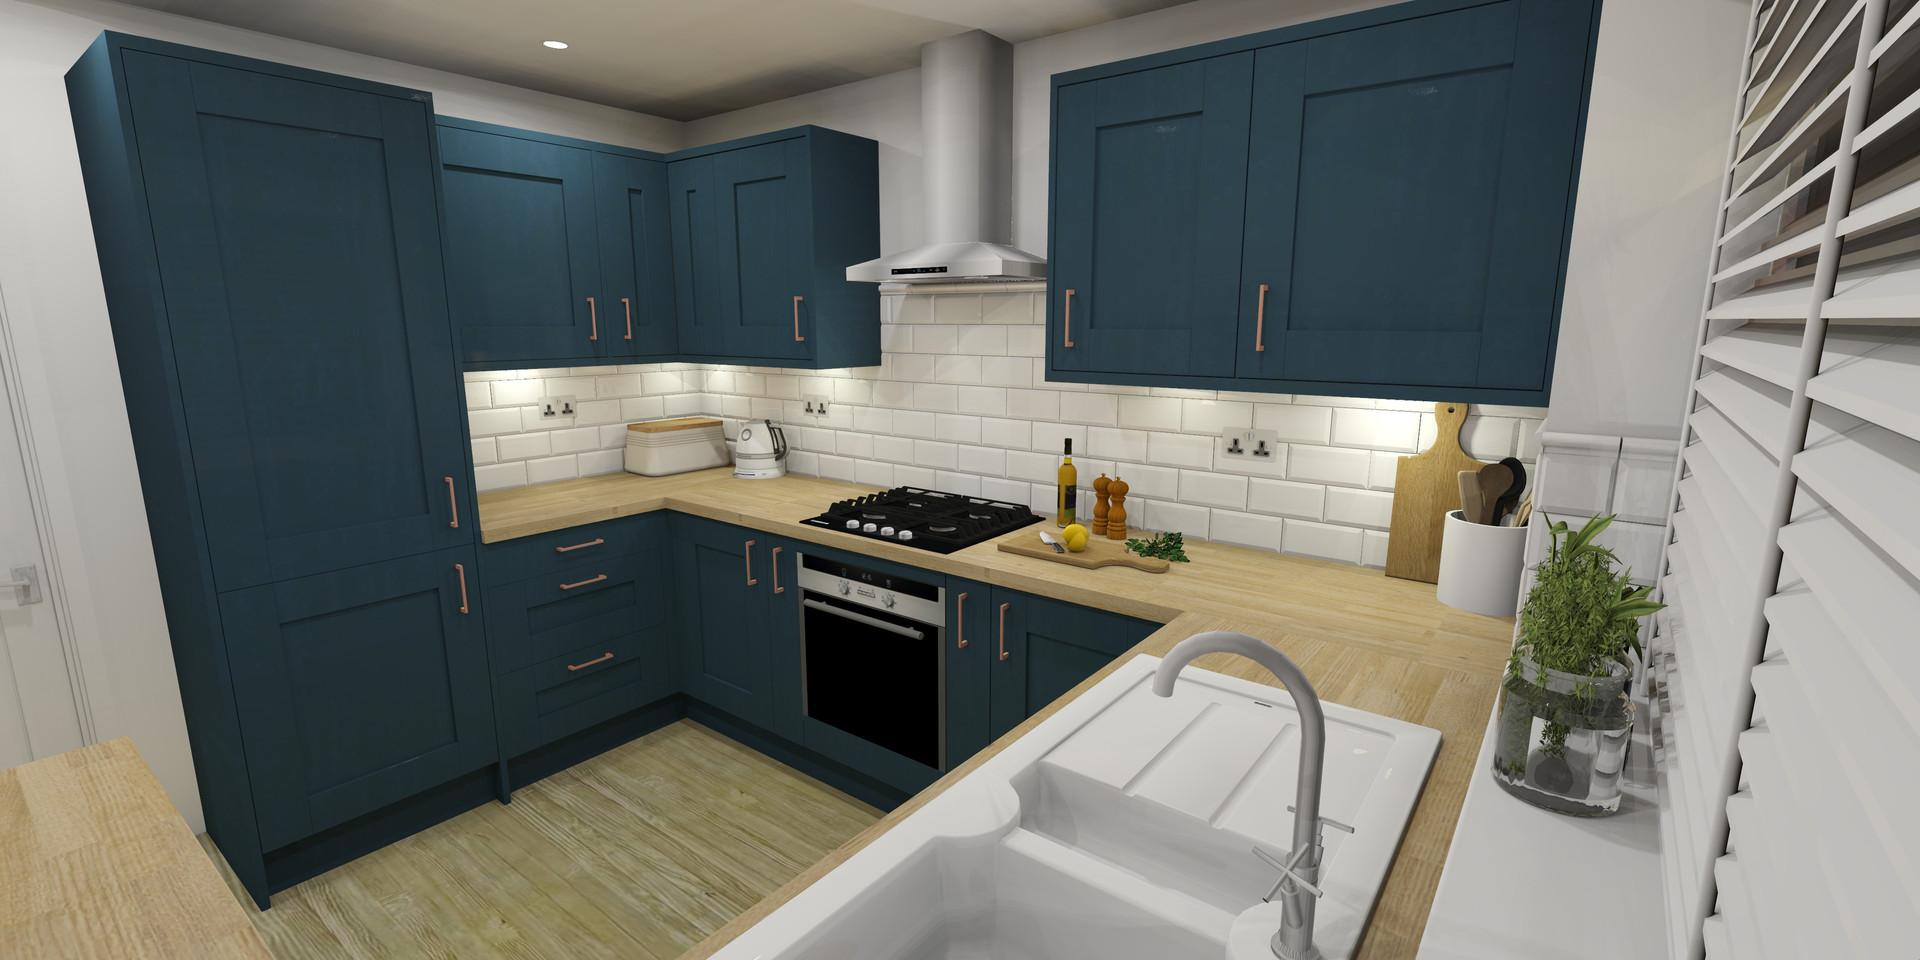 Broadclyst Kitchen Design Image B